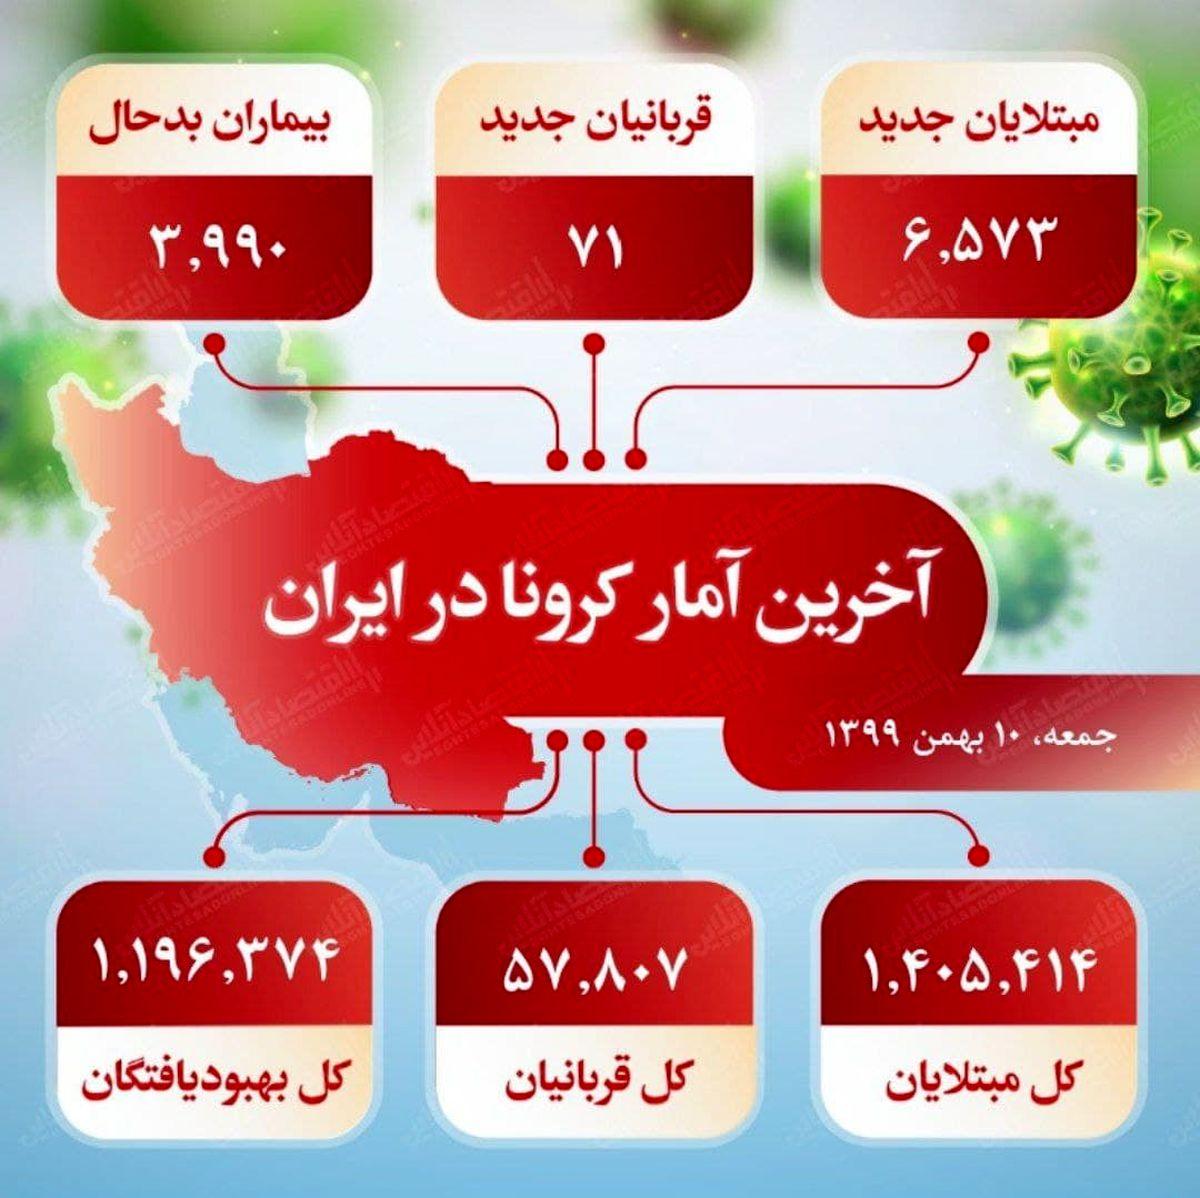 آخرین آمار کرونا در ایران (۹۹/۱۱/۱۰)